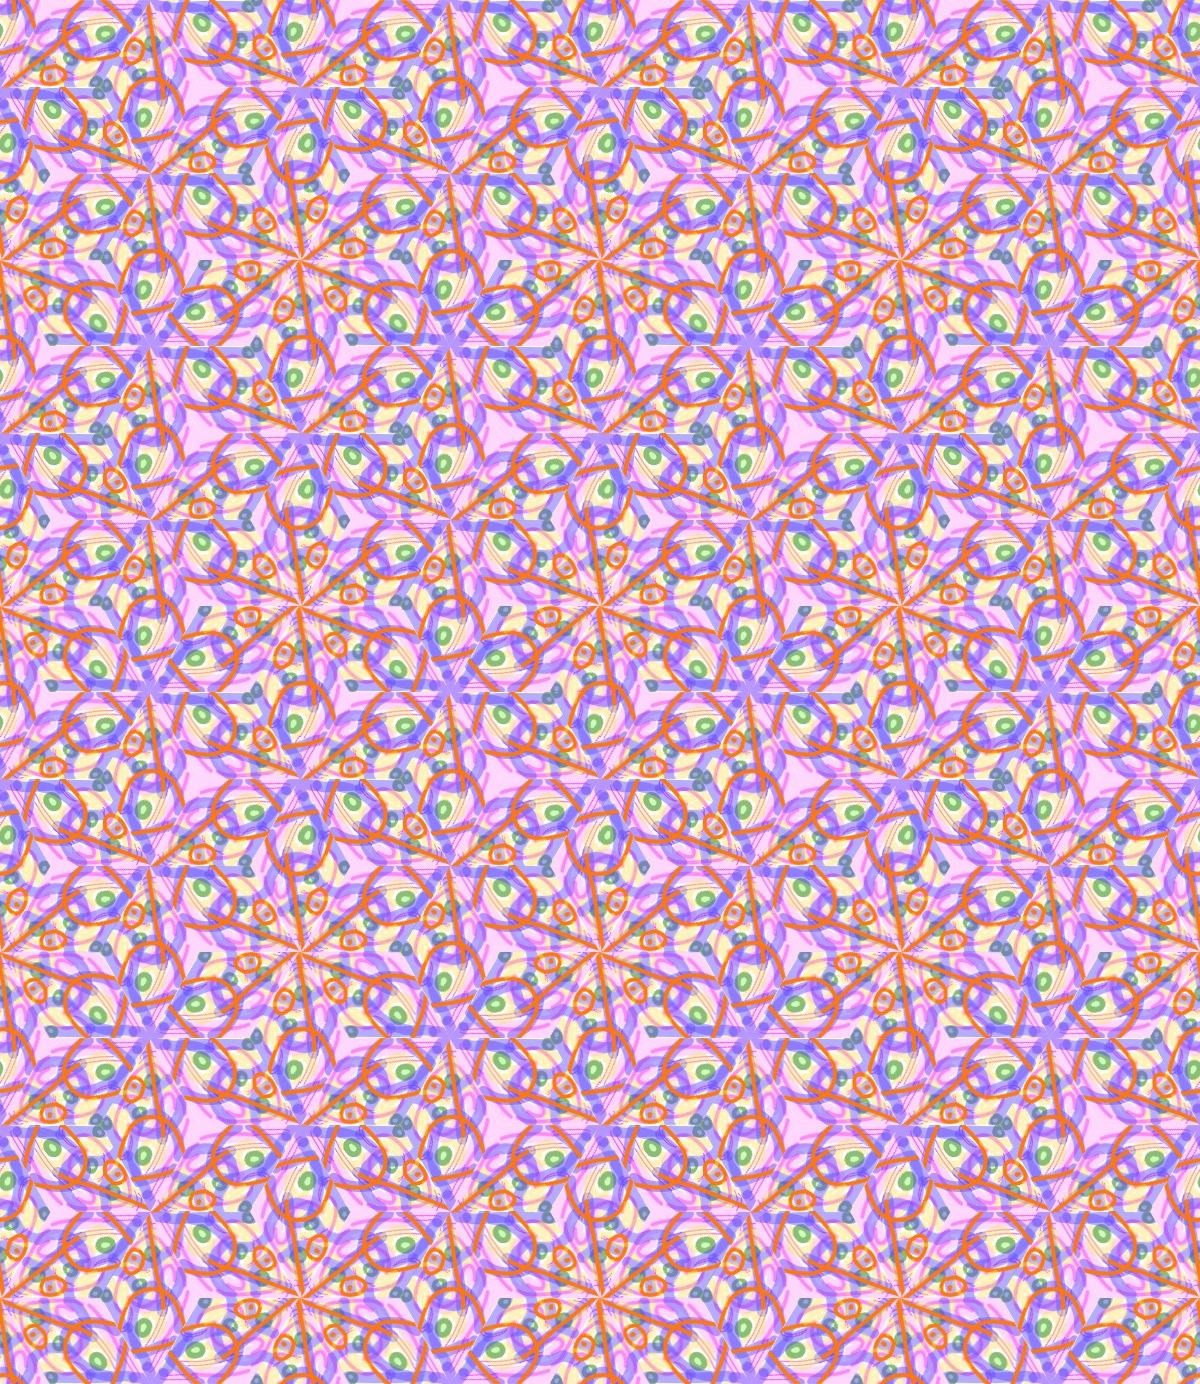 009_tiled